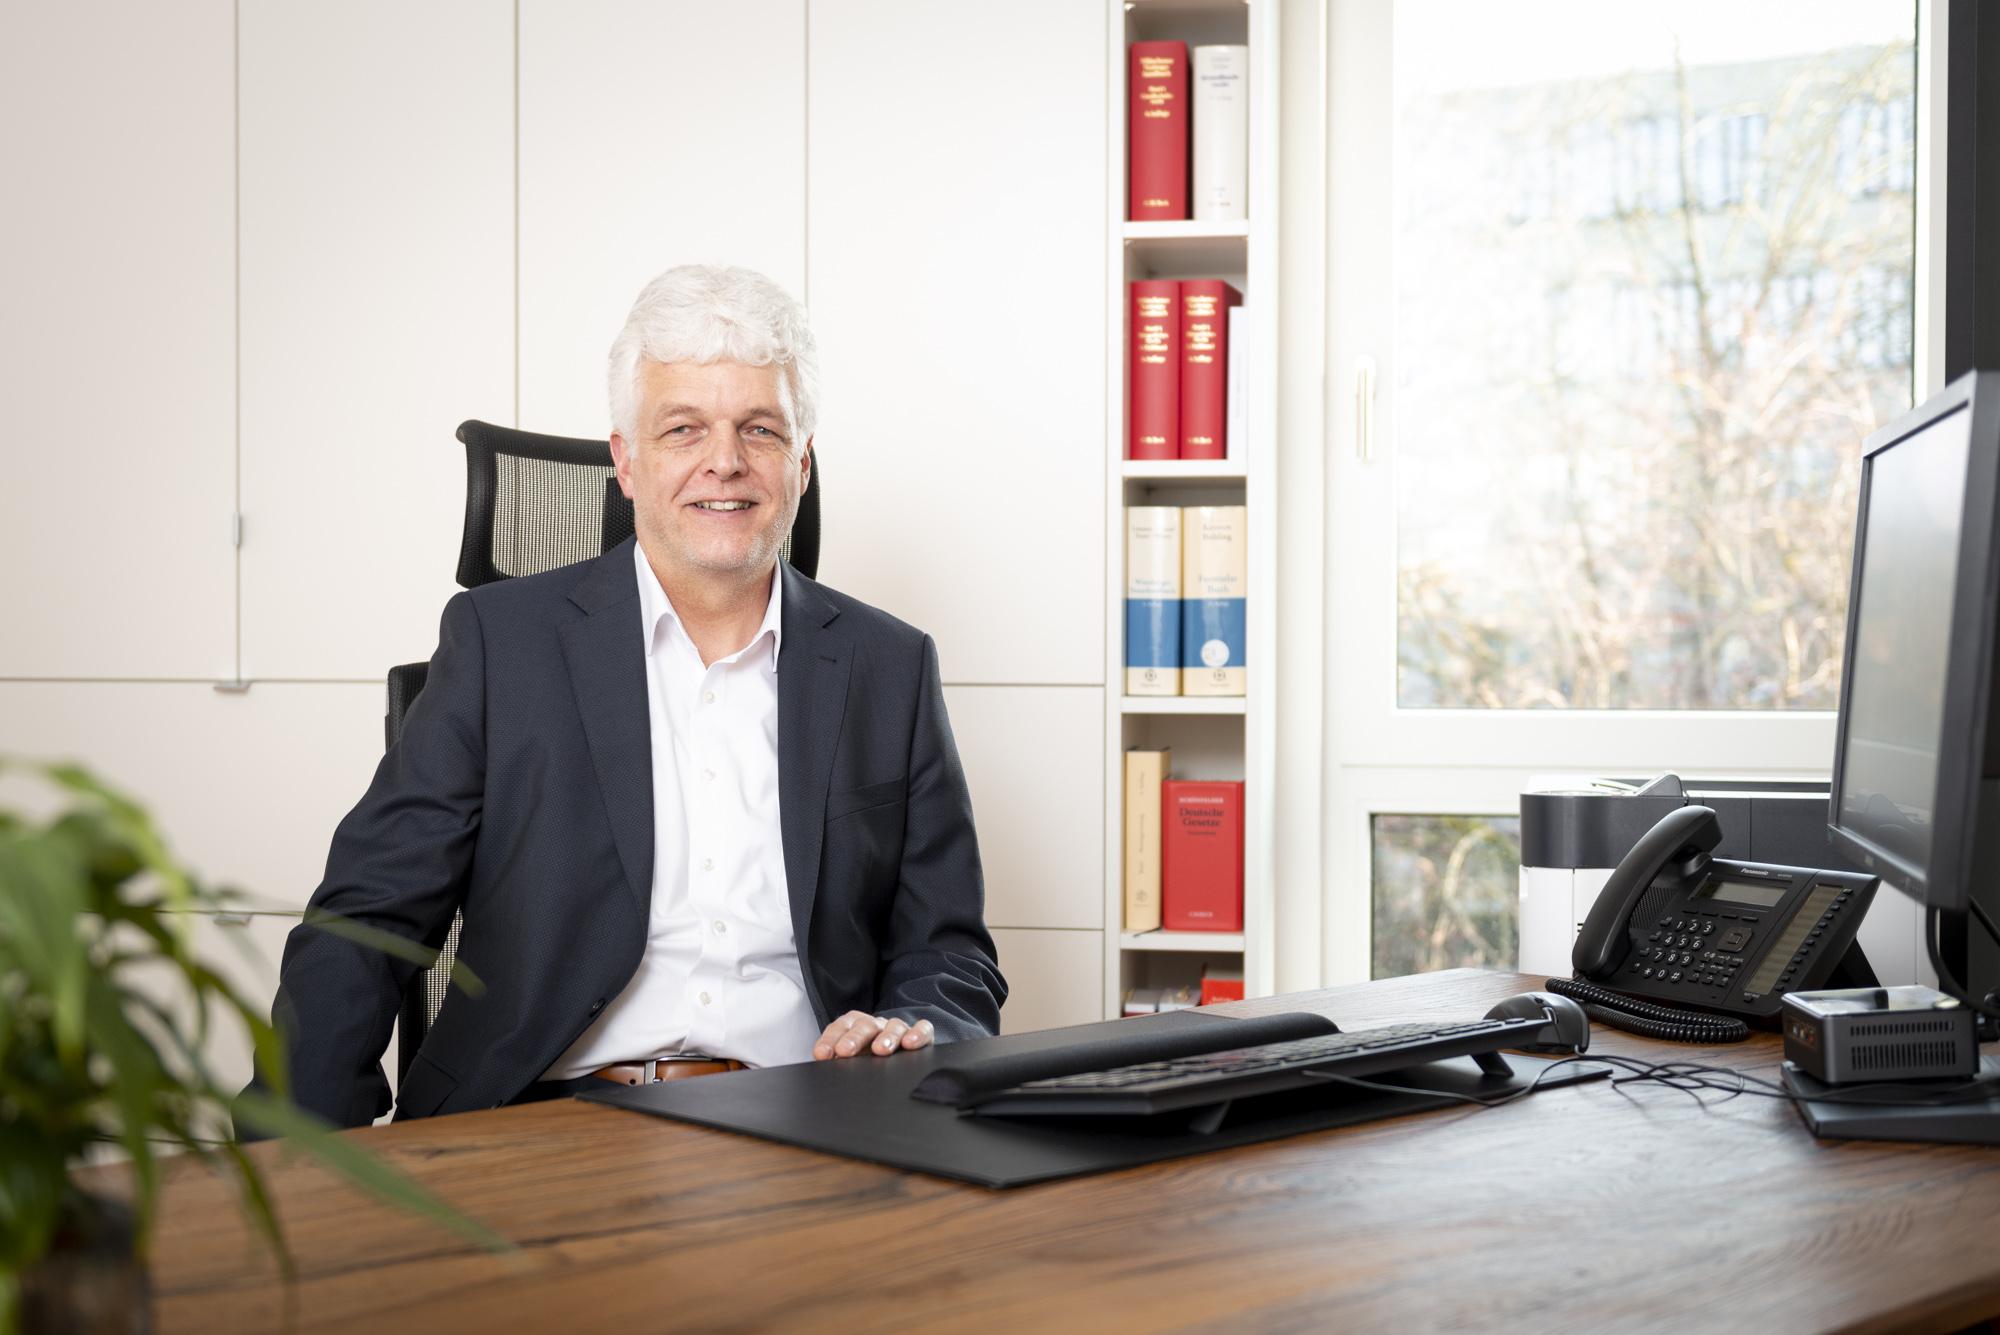 Notar-WF-Wolfgang-Fritzenschaft